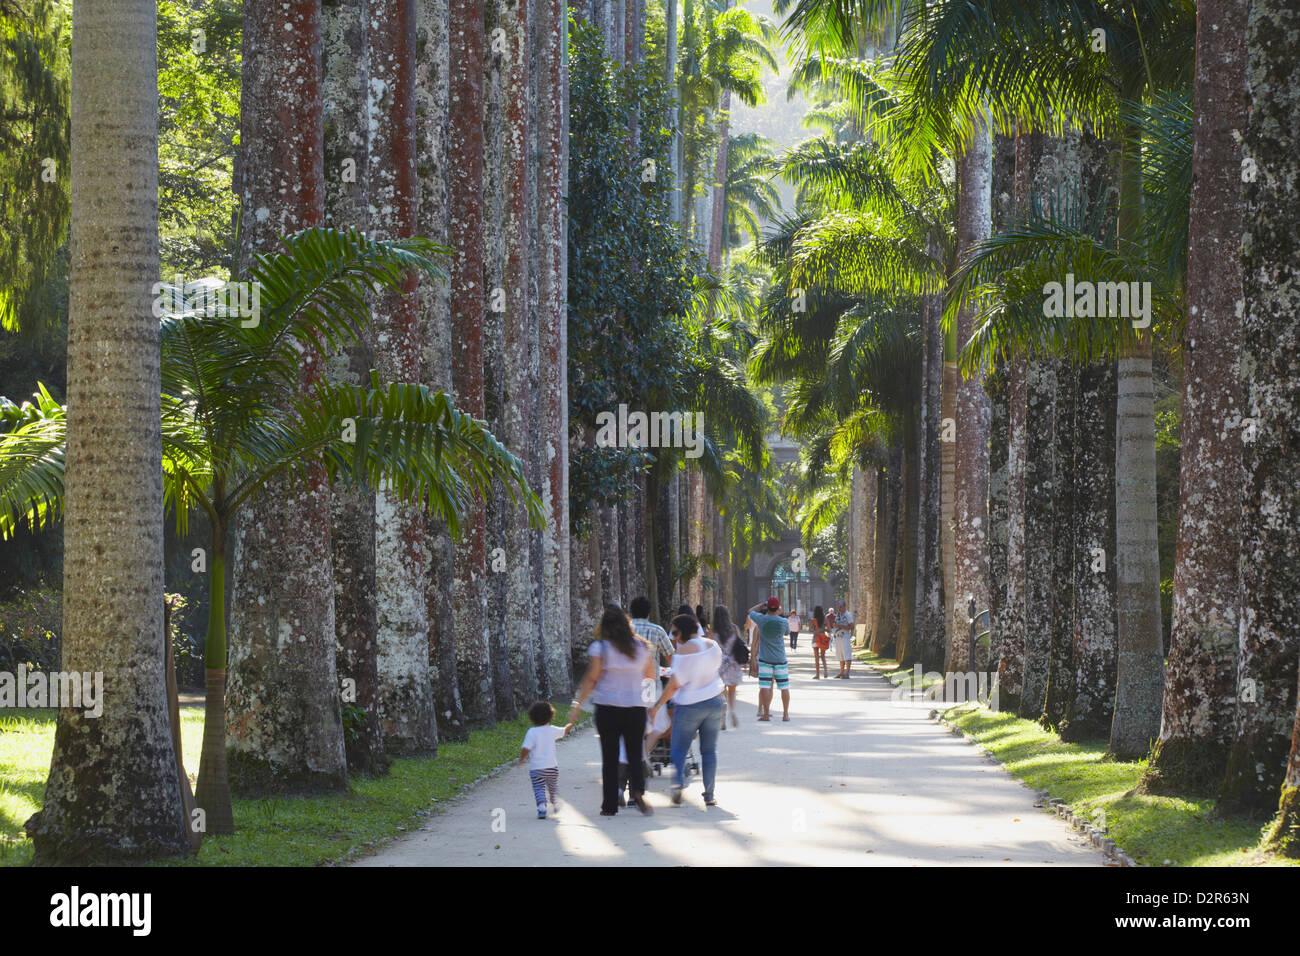 People at Botanical Gardens (Jardim Botanico), Rio de Janeiro, Brazil, South America - Stock Image